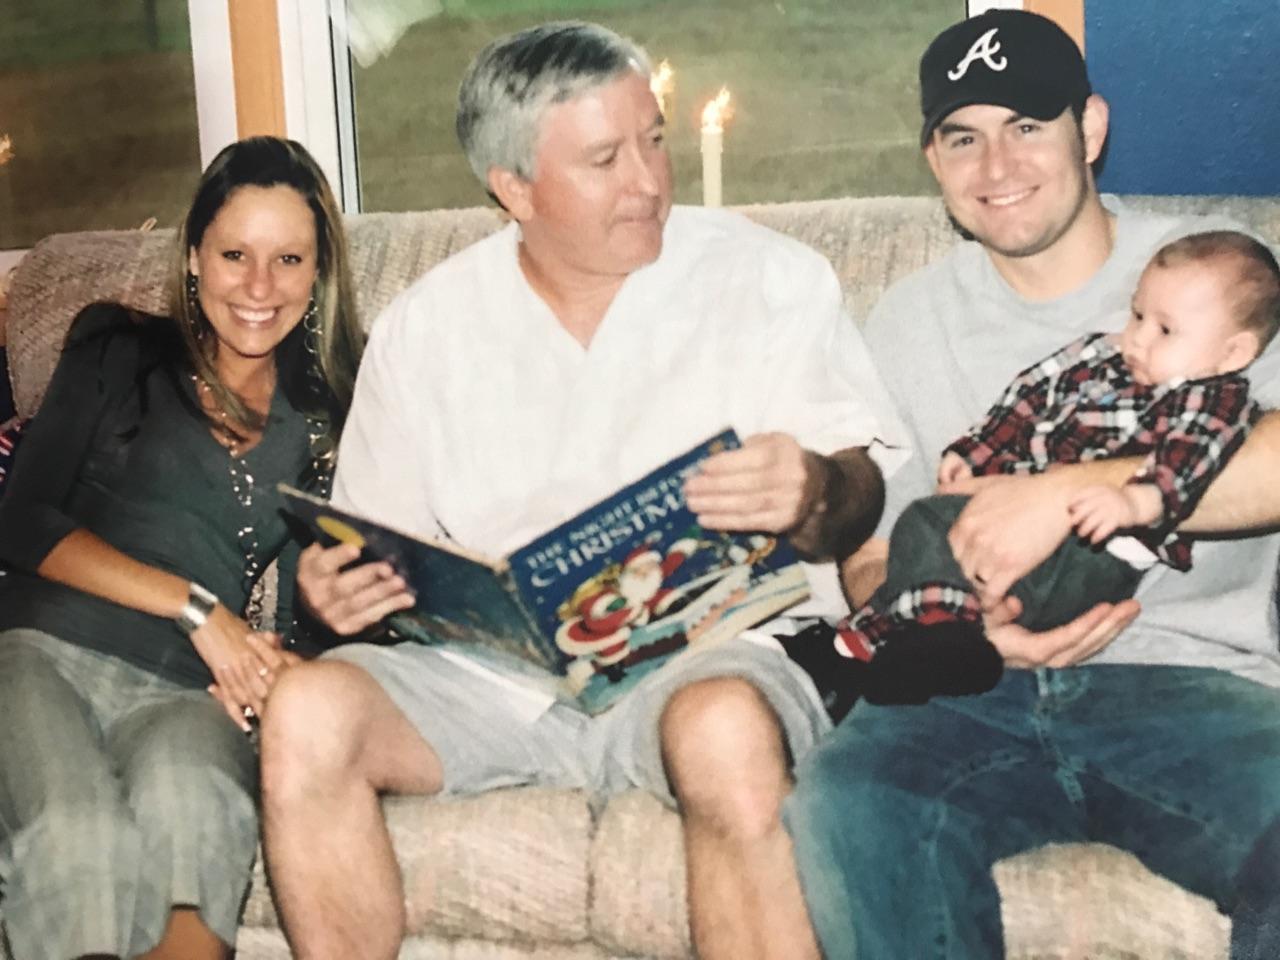 Florida family praying to adopt